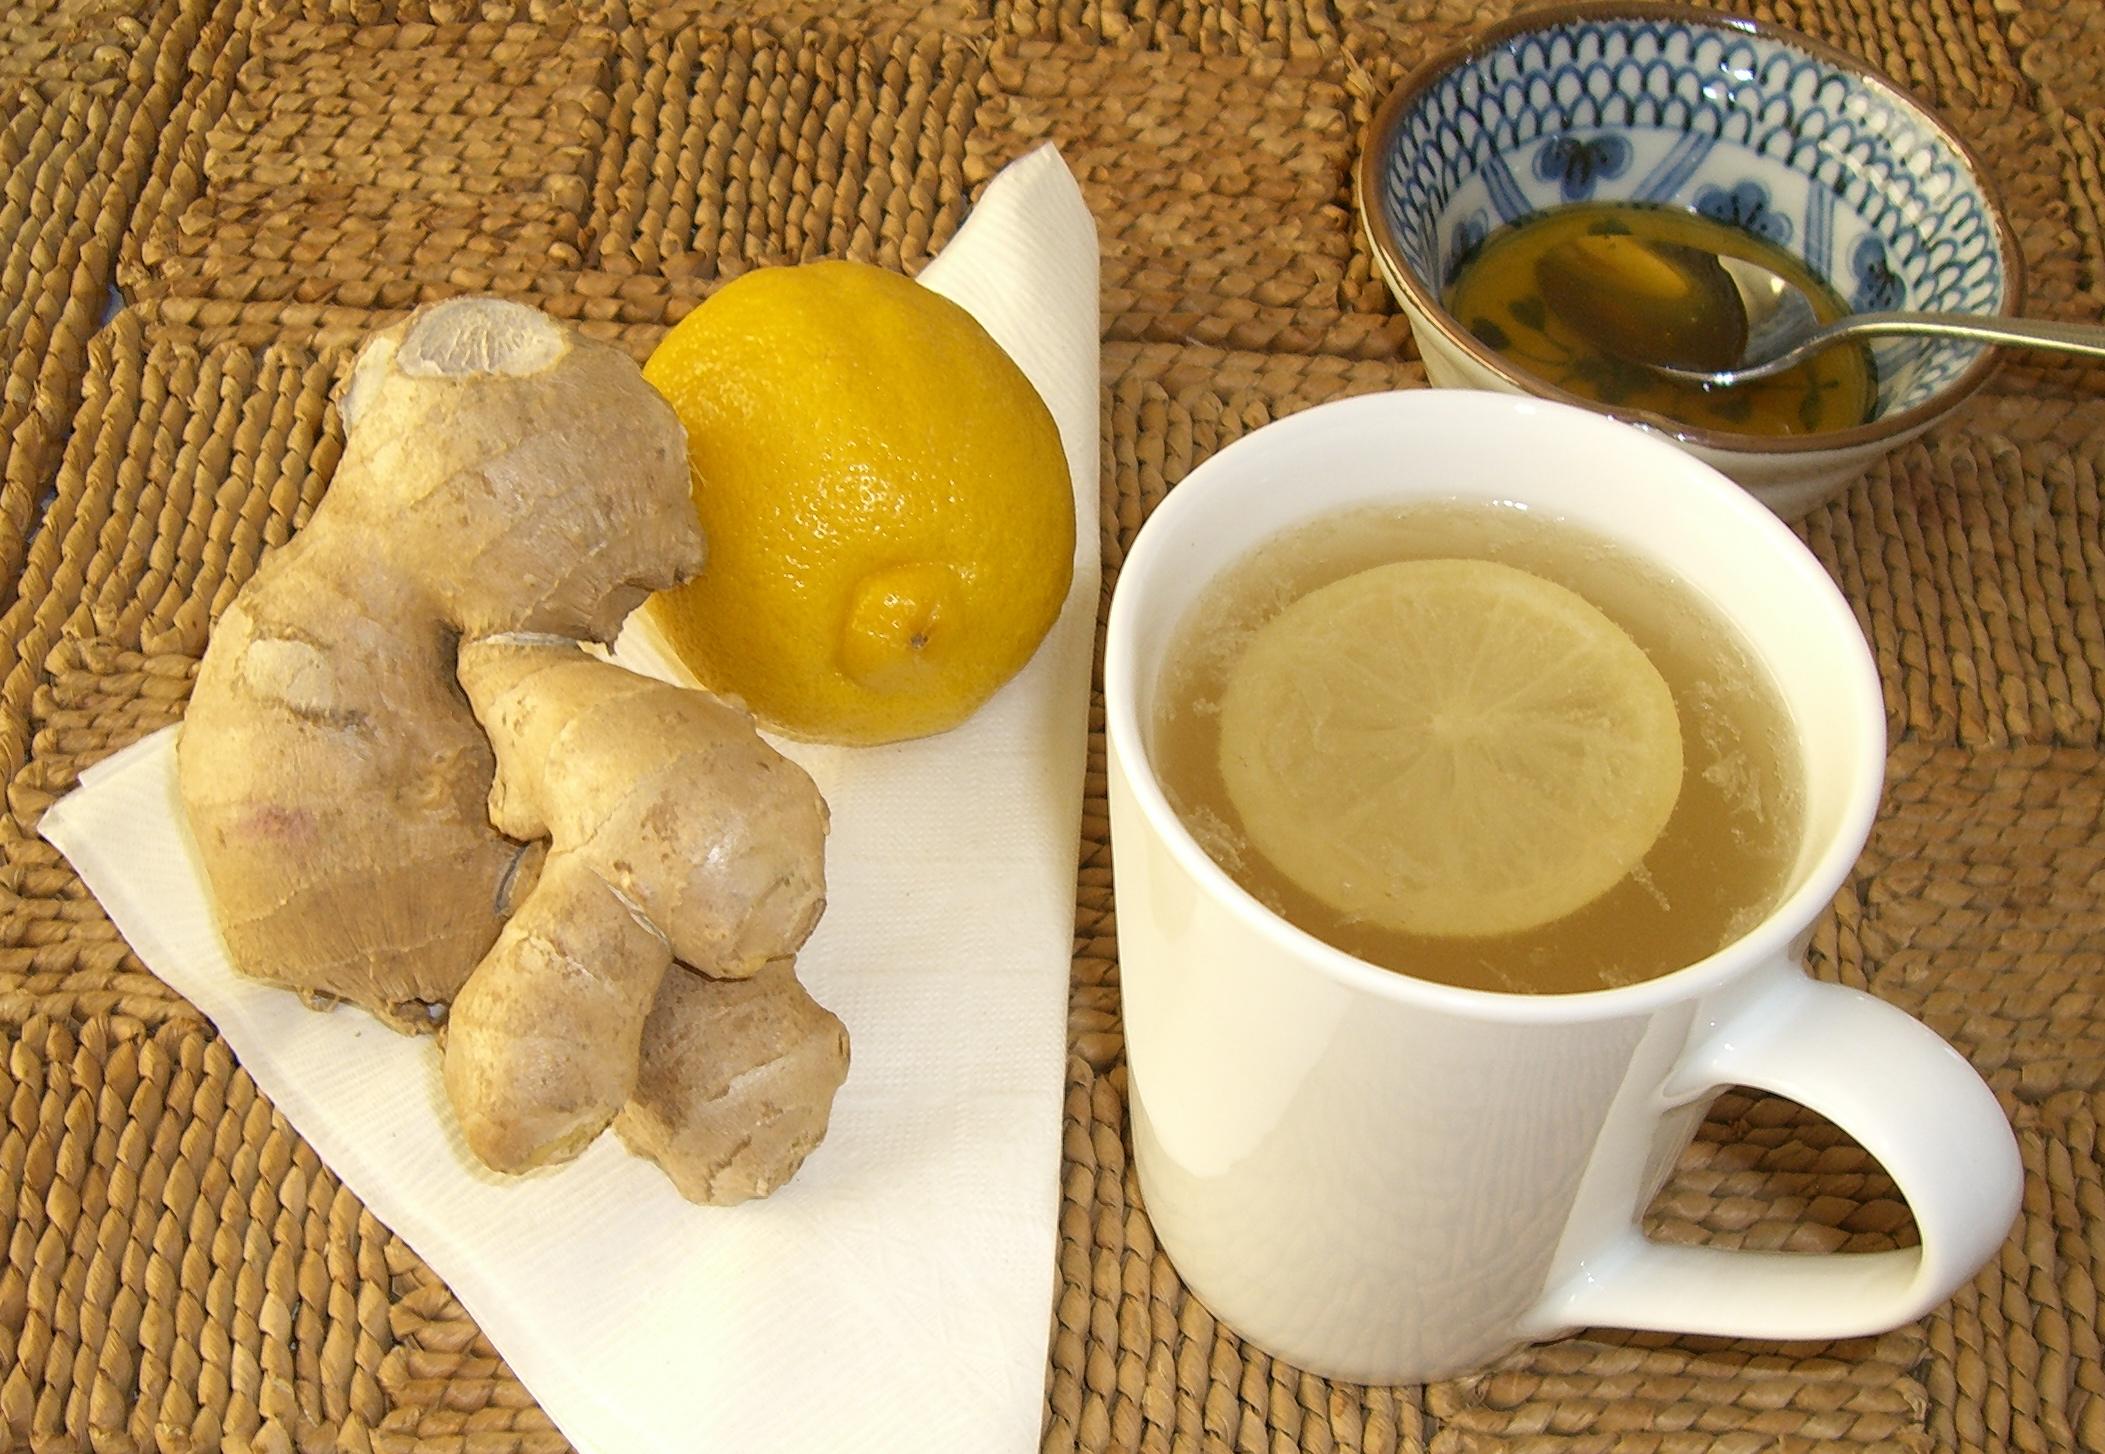 Настой плодов кориандра с имбирем, лимоном и медом, отличное общеукрепляющее средство, которое помогает при простуде